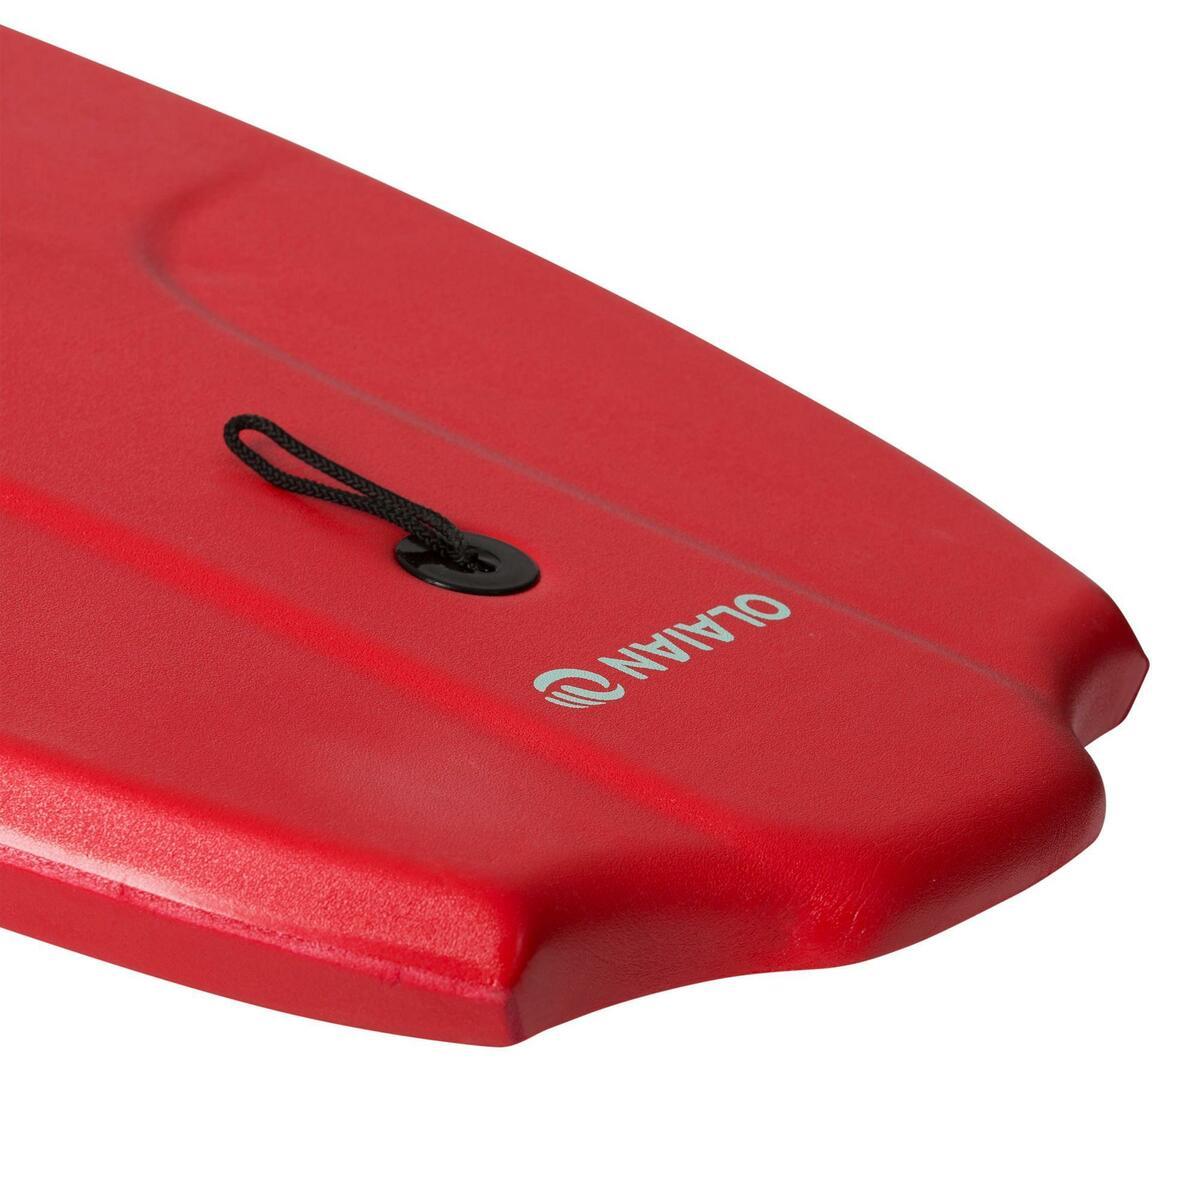 Bild 4 von Bodyboard 100 42 rot für Größe 1,651,85 m mit Slick (Gleitfläche) und Leash